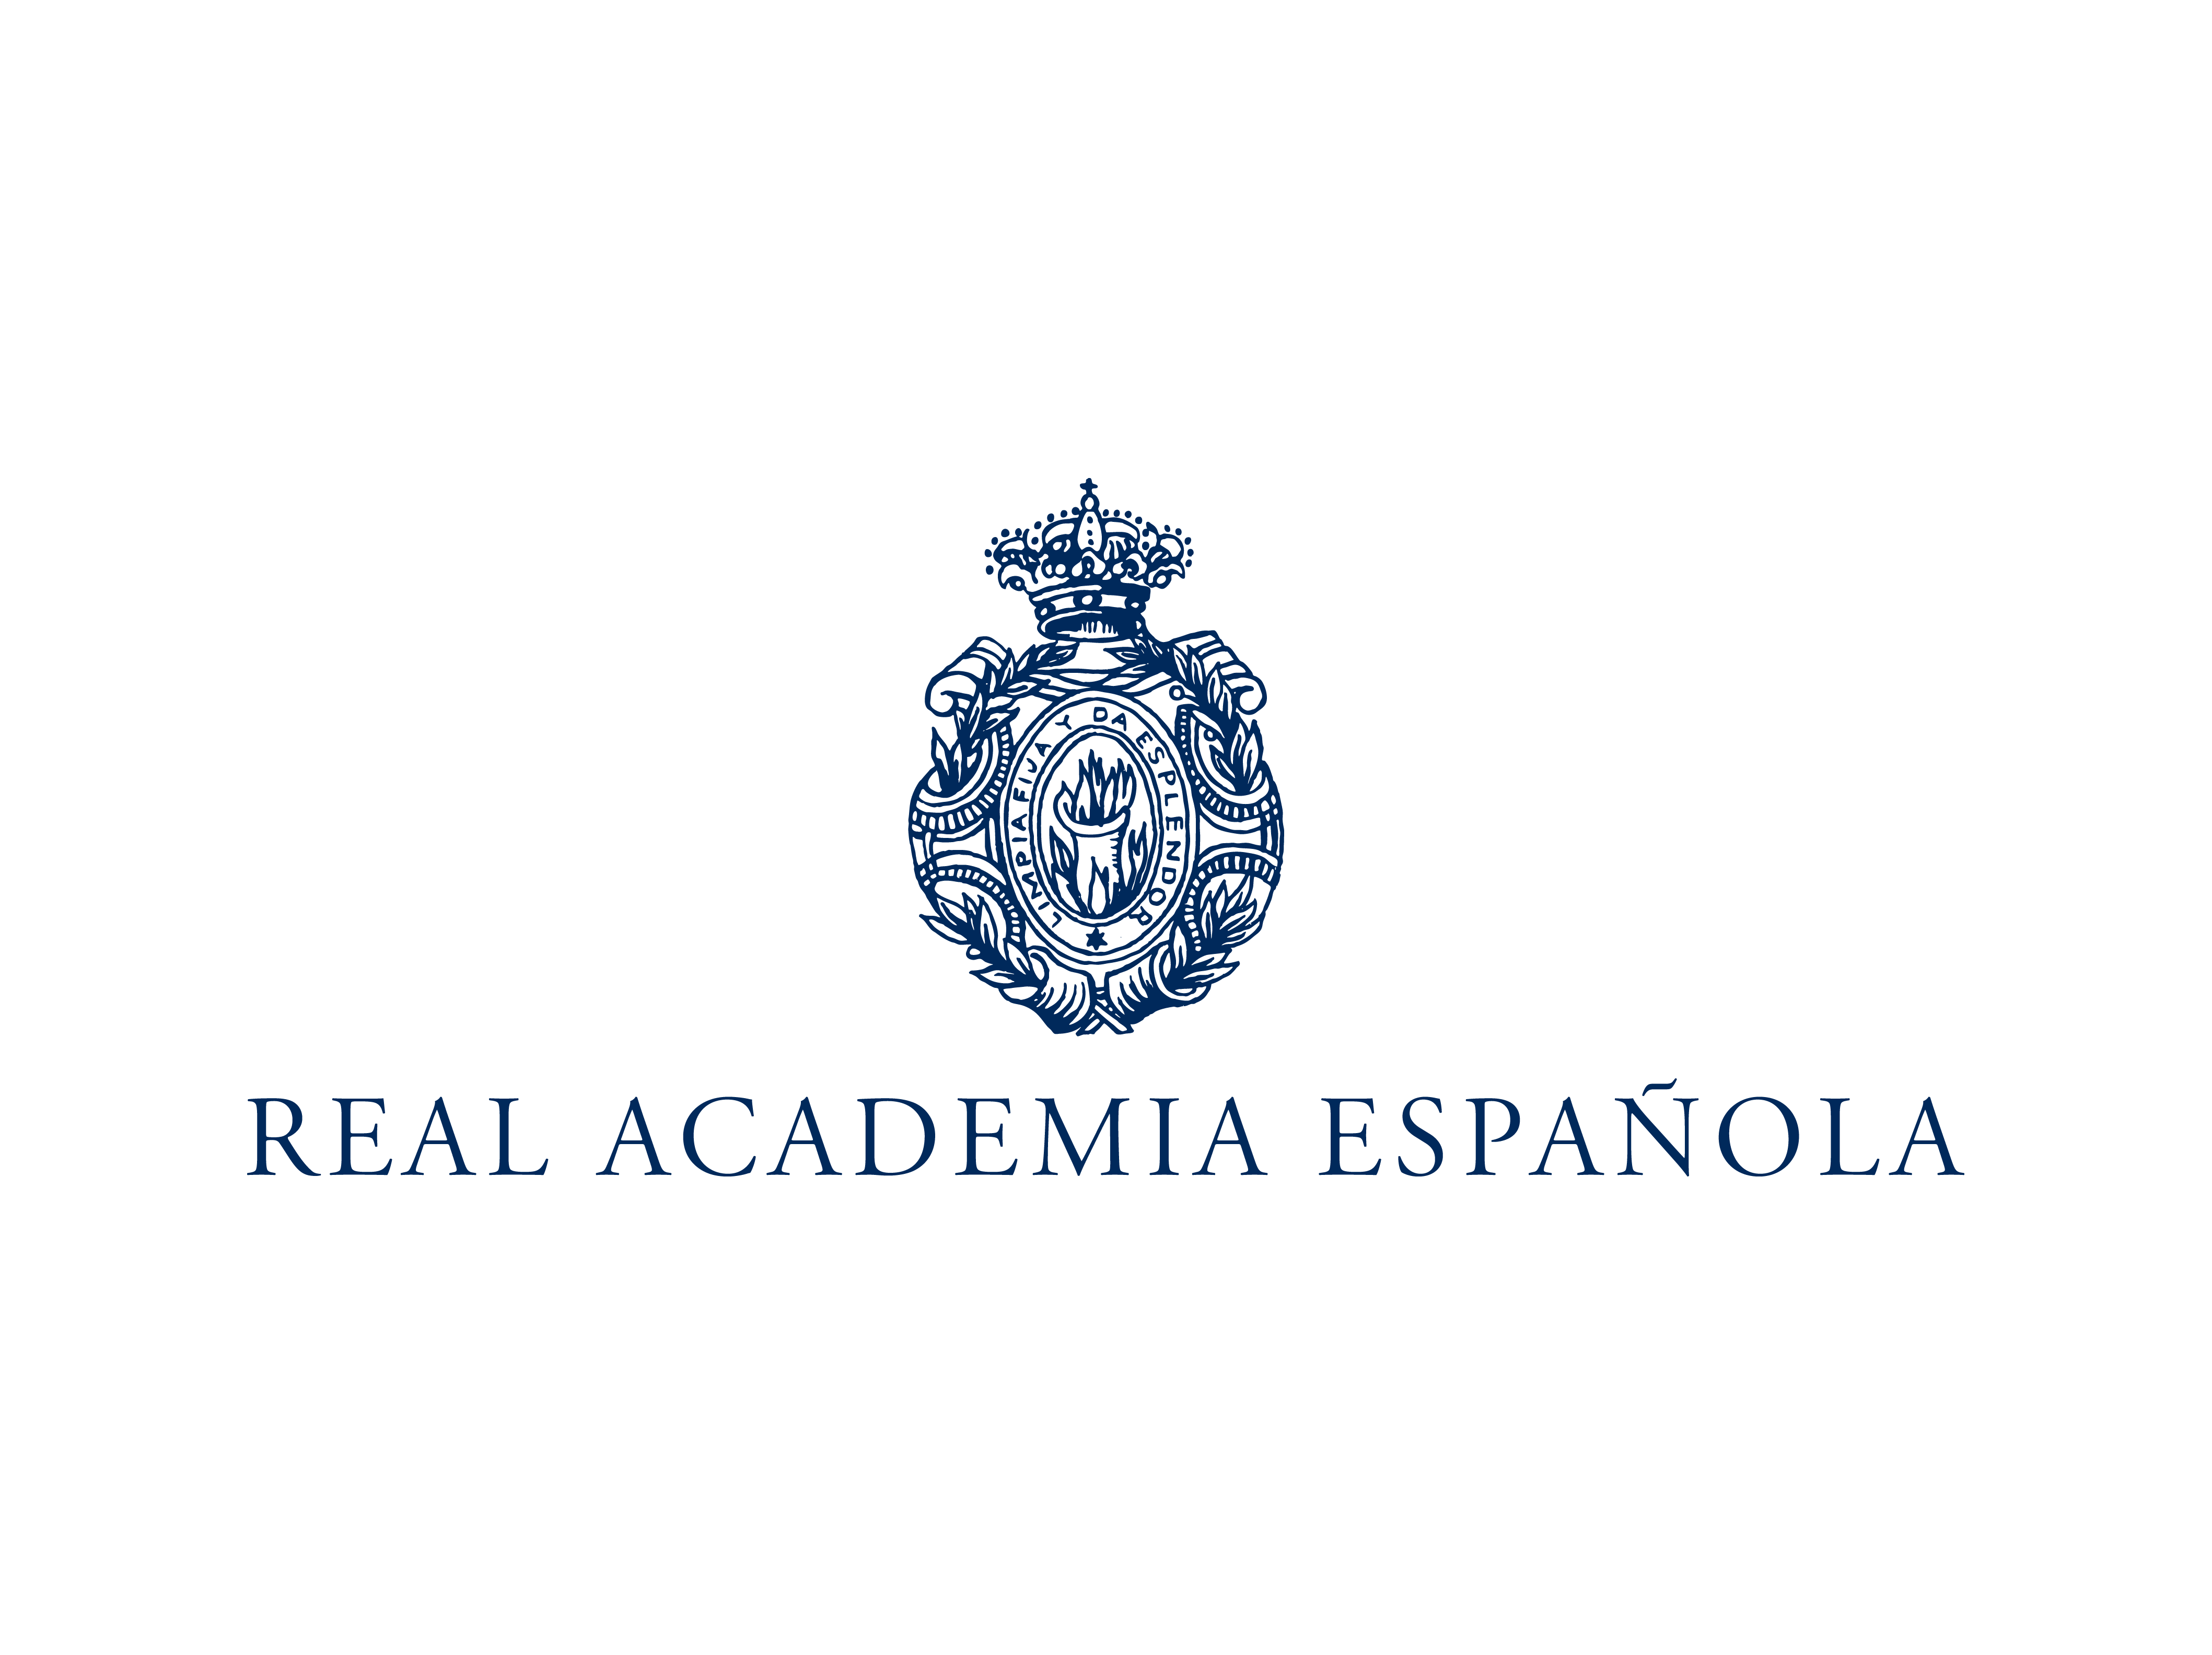 Fundación pro Real Academia Española (RAE)